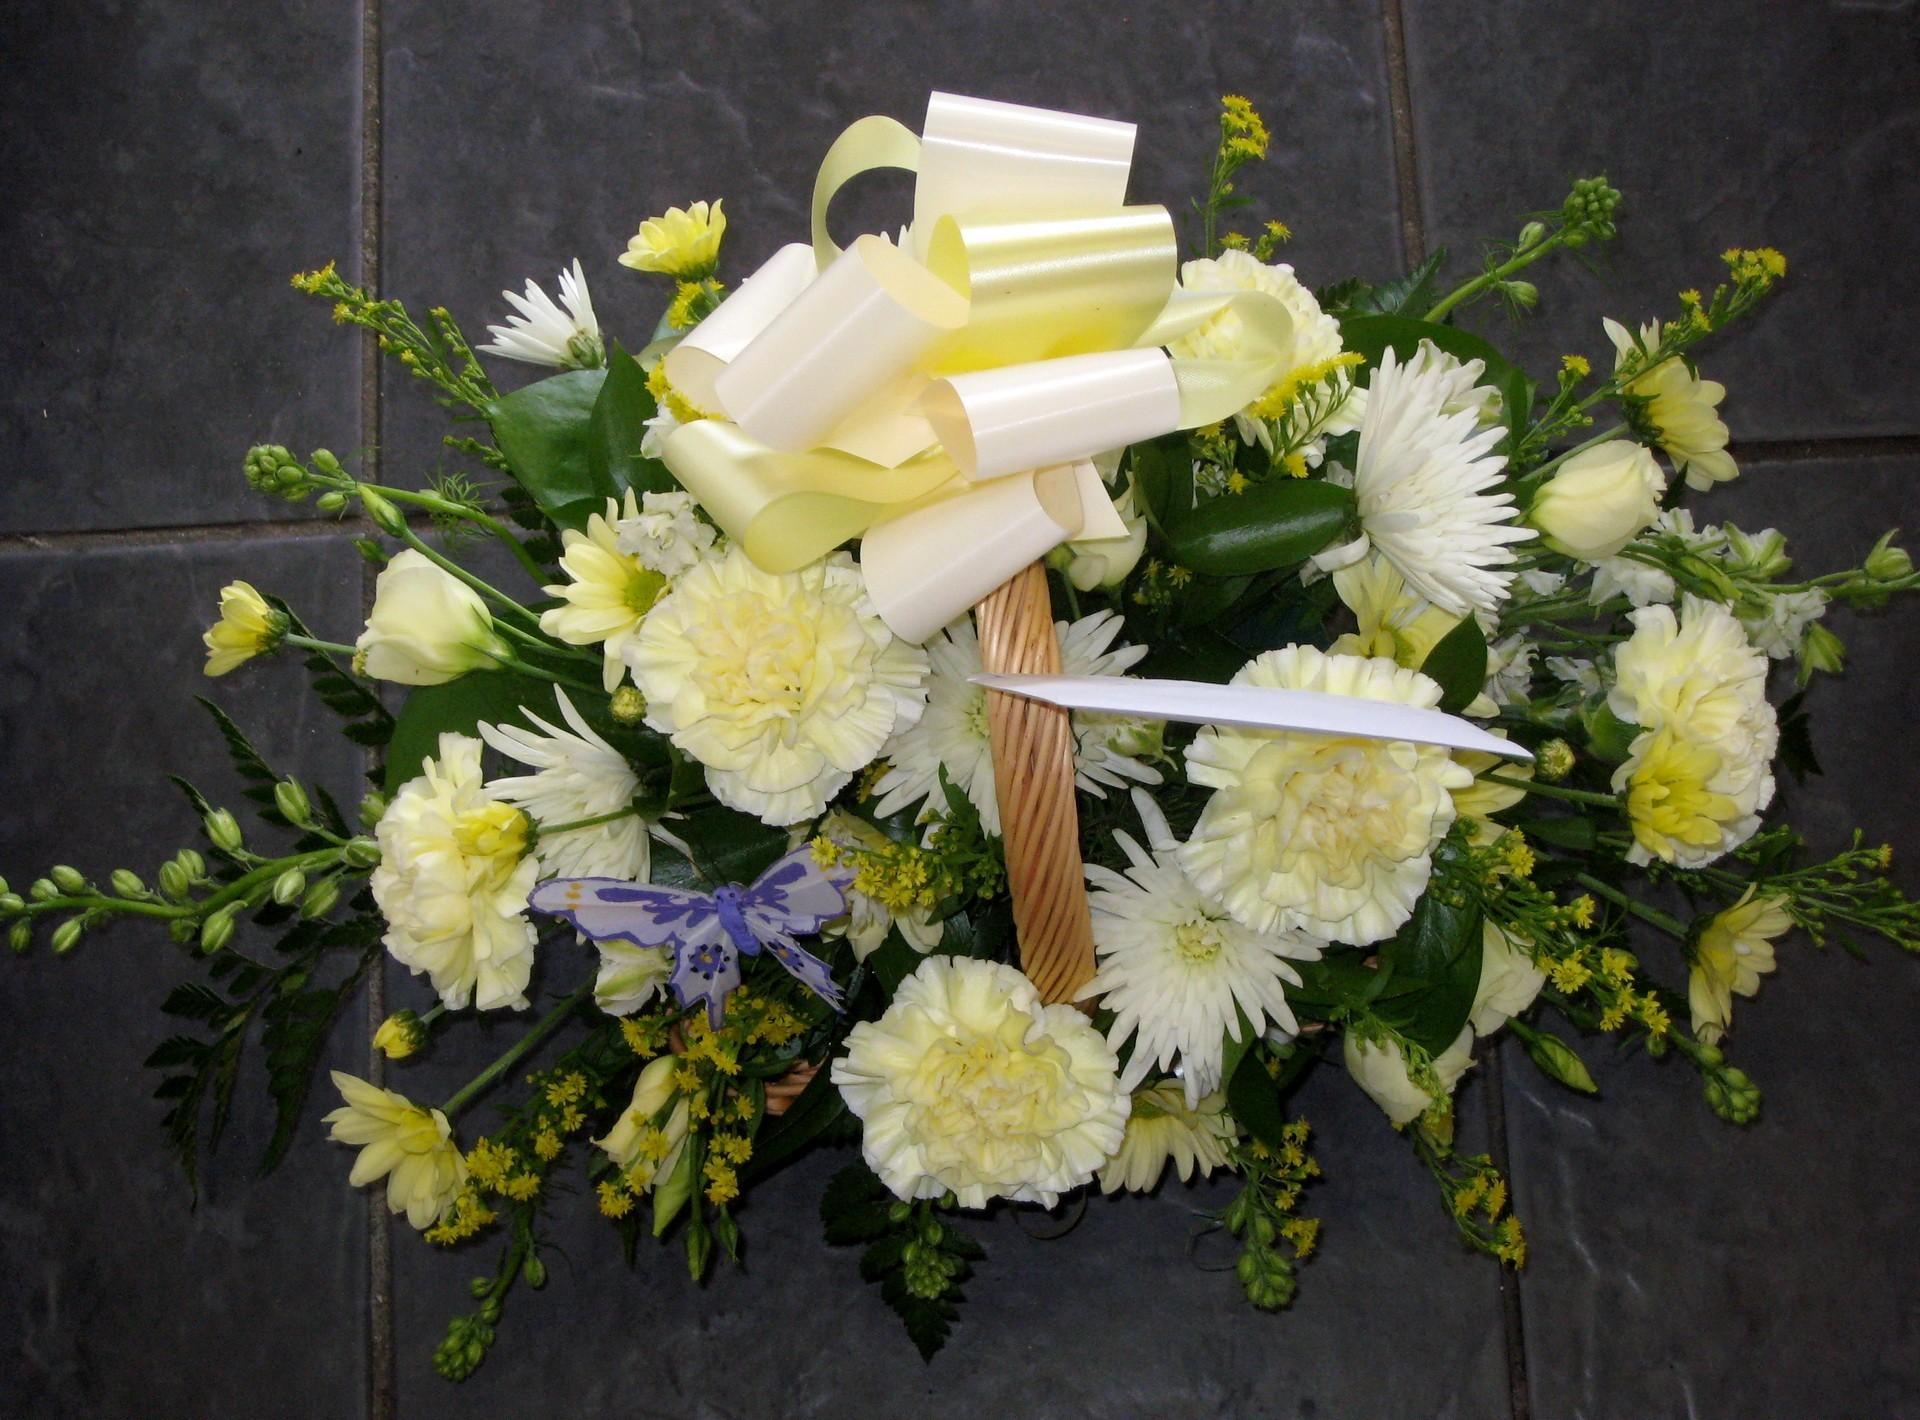 обои на рабочий стол букеты розы герберы лилии гвоздики № 172320 загрузить